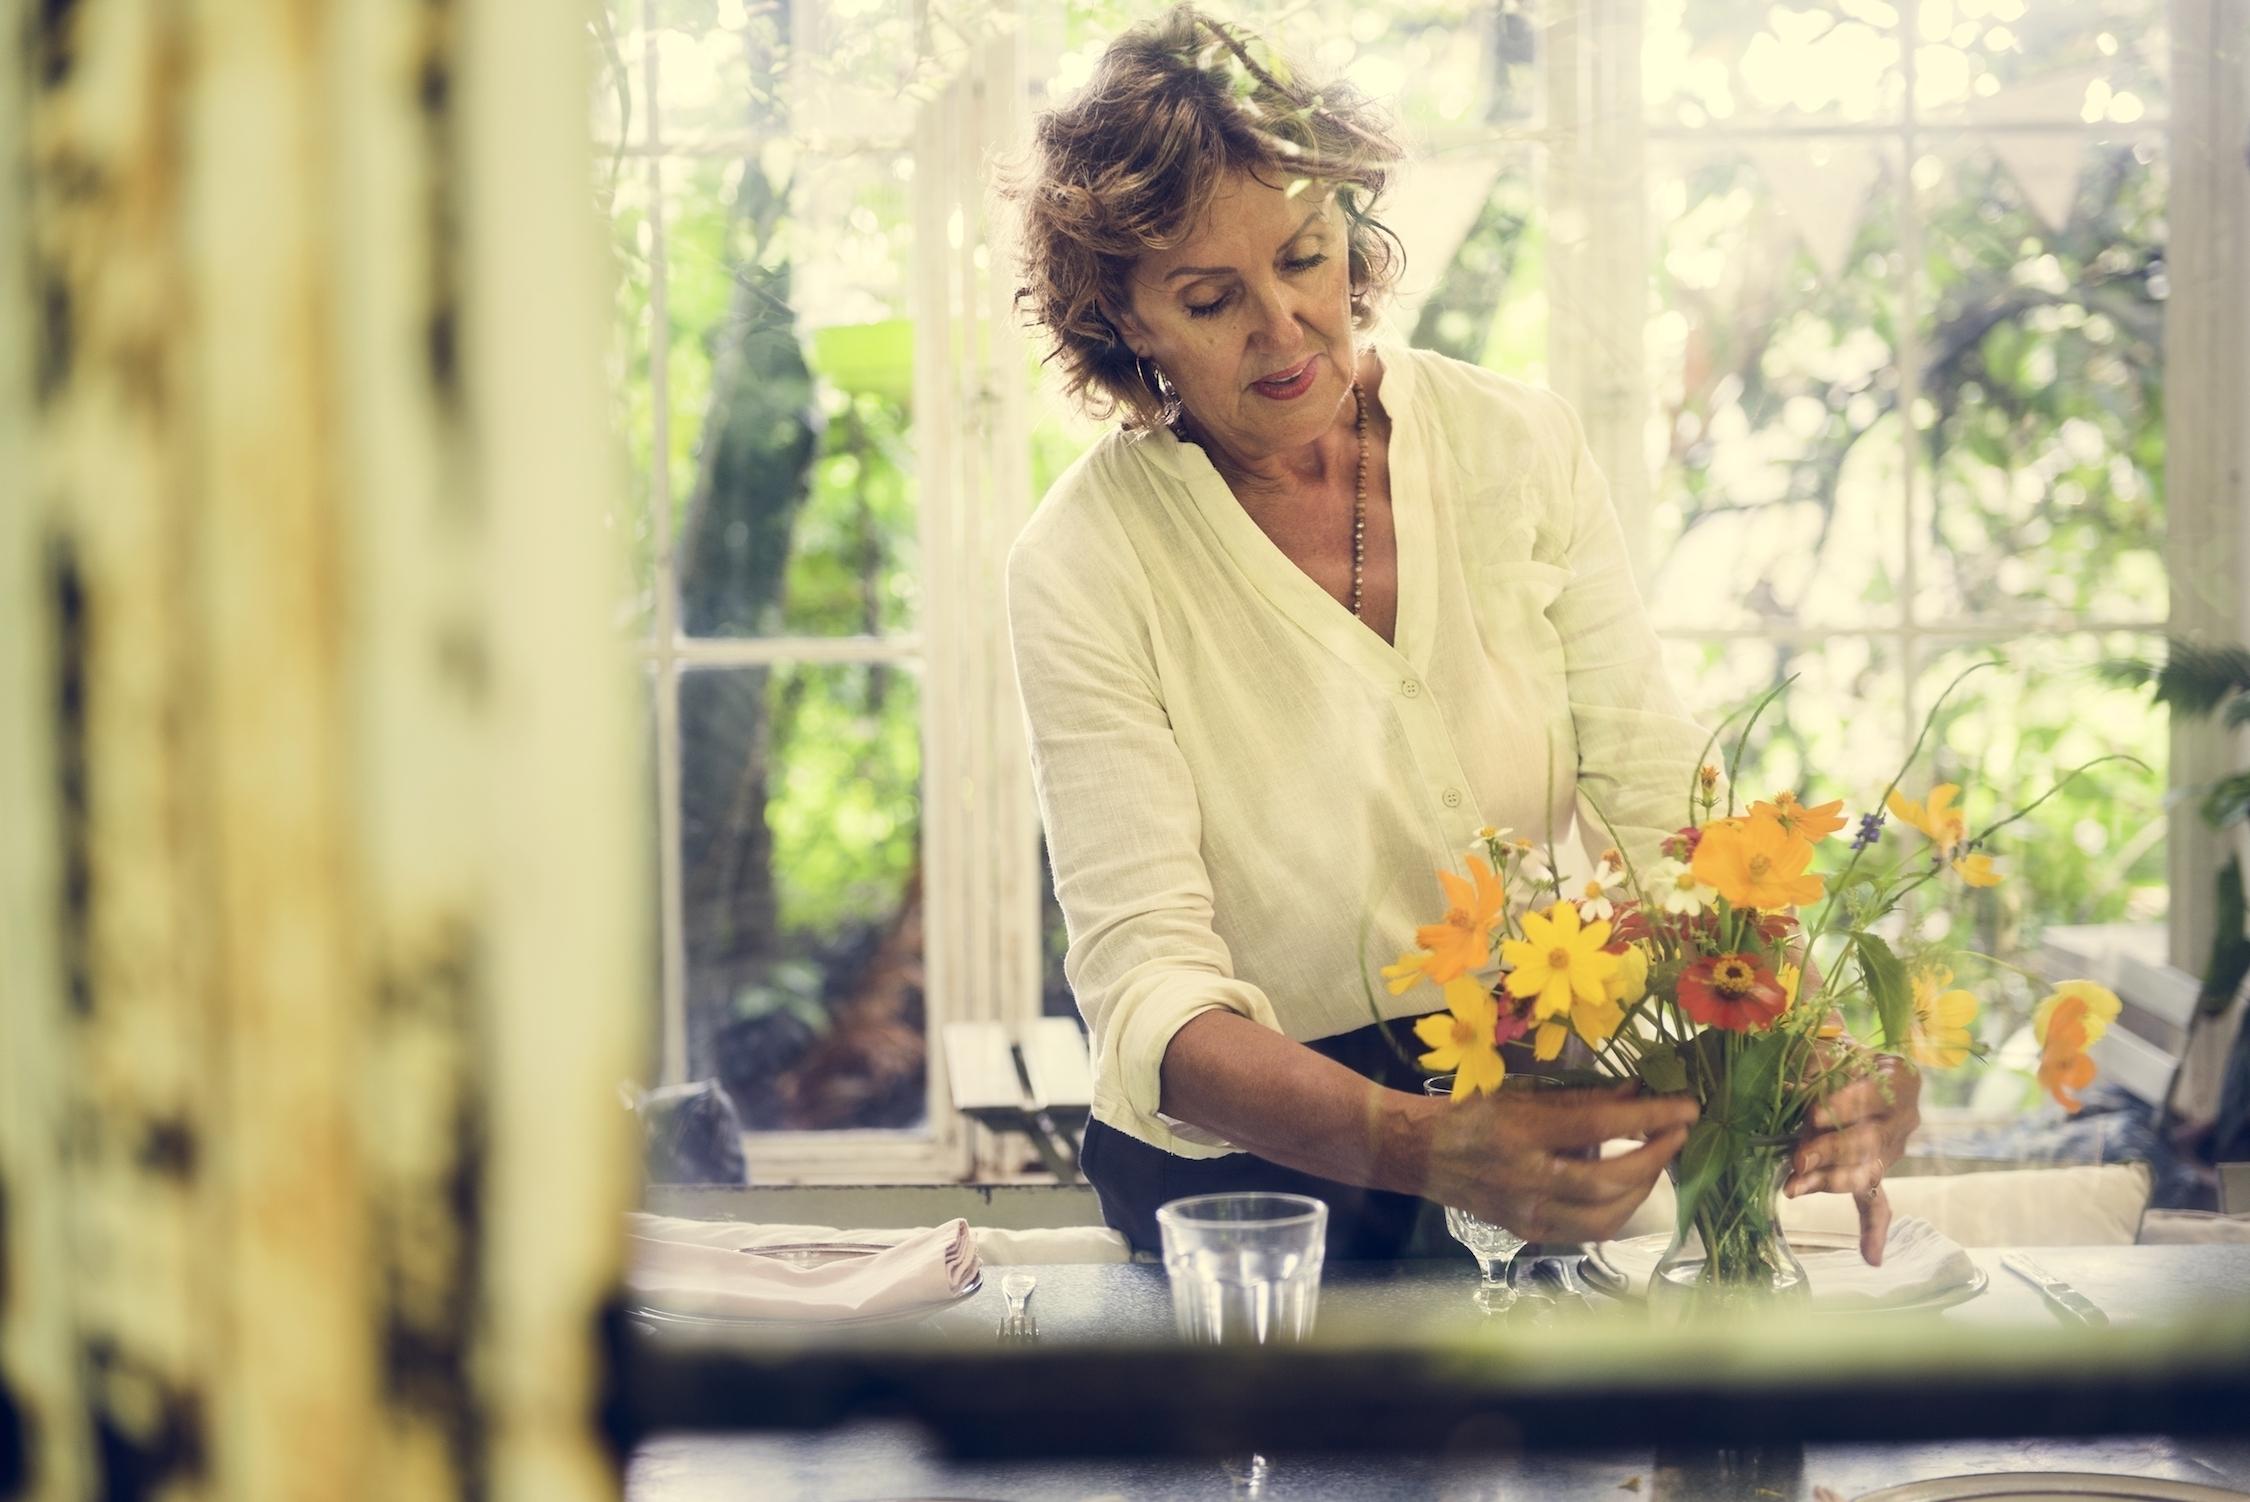 mujer-colocando-flores-sobre-la-mesa-en-jarrón-hogar-sostenible-o-ecologico